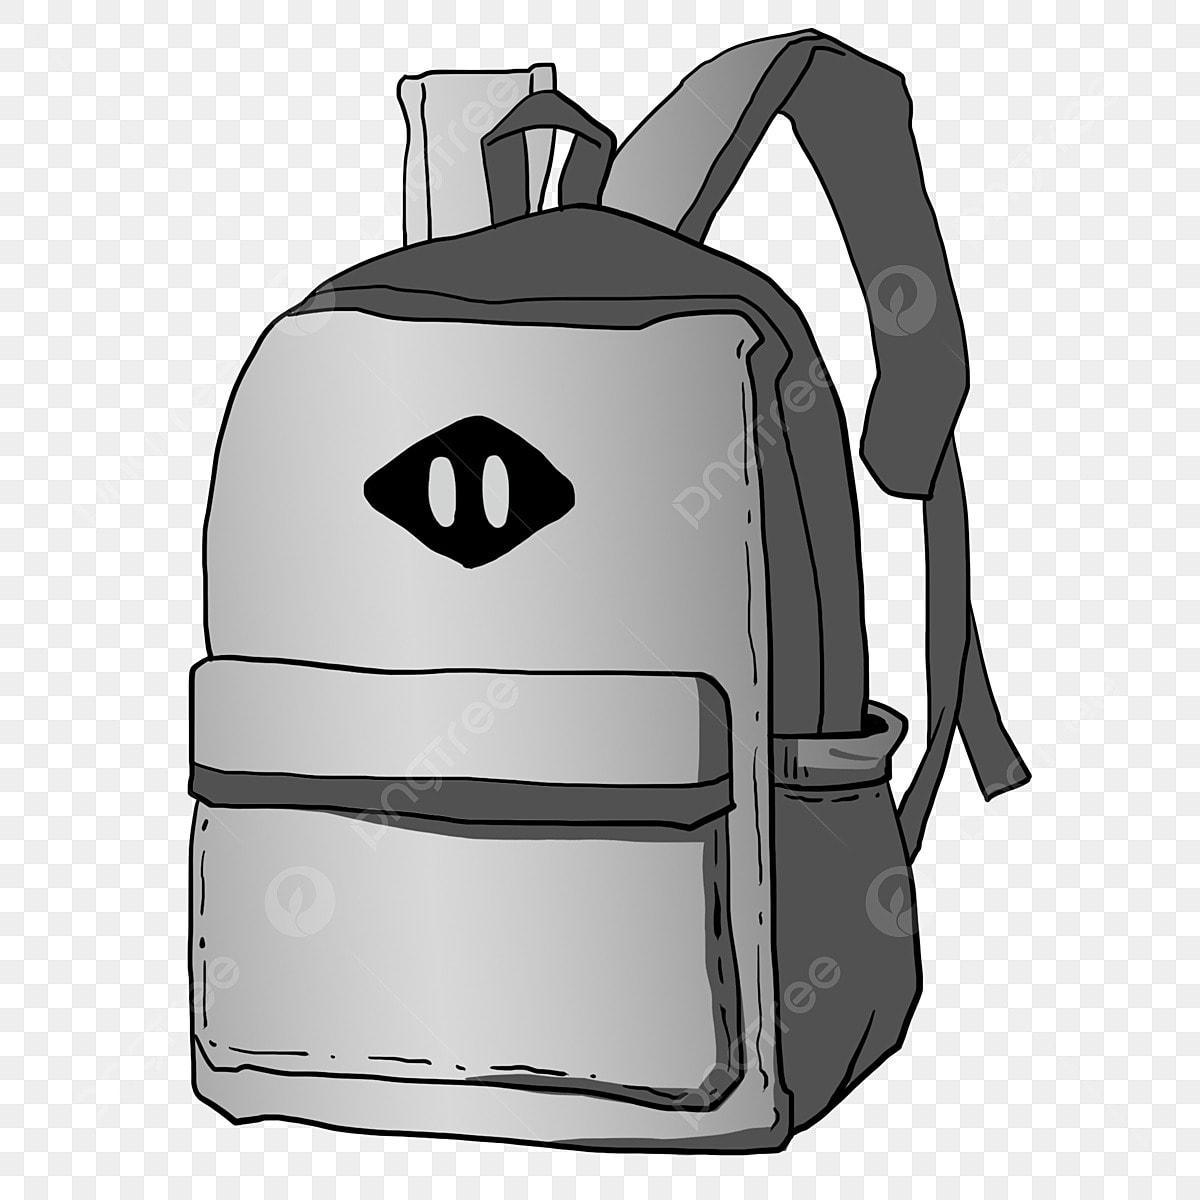 Gambar Ilustrasi Beg Sekolah Hiasan Beg Sekolah Berwarna Kelabu Cantik Tangan Dicat Beg Sekolah Beg Fesyen Beg Sekolah Besar Png Dan Psd Untuk Muat Turun Percuma